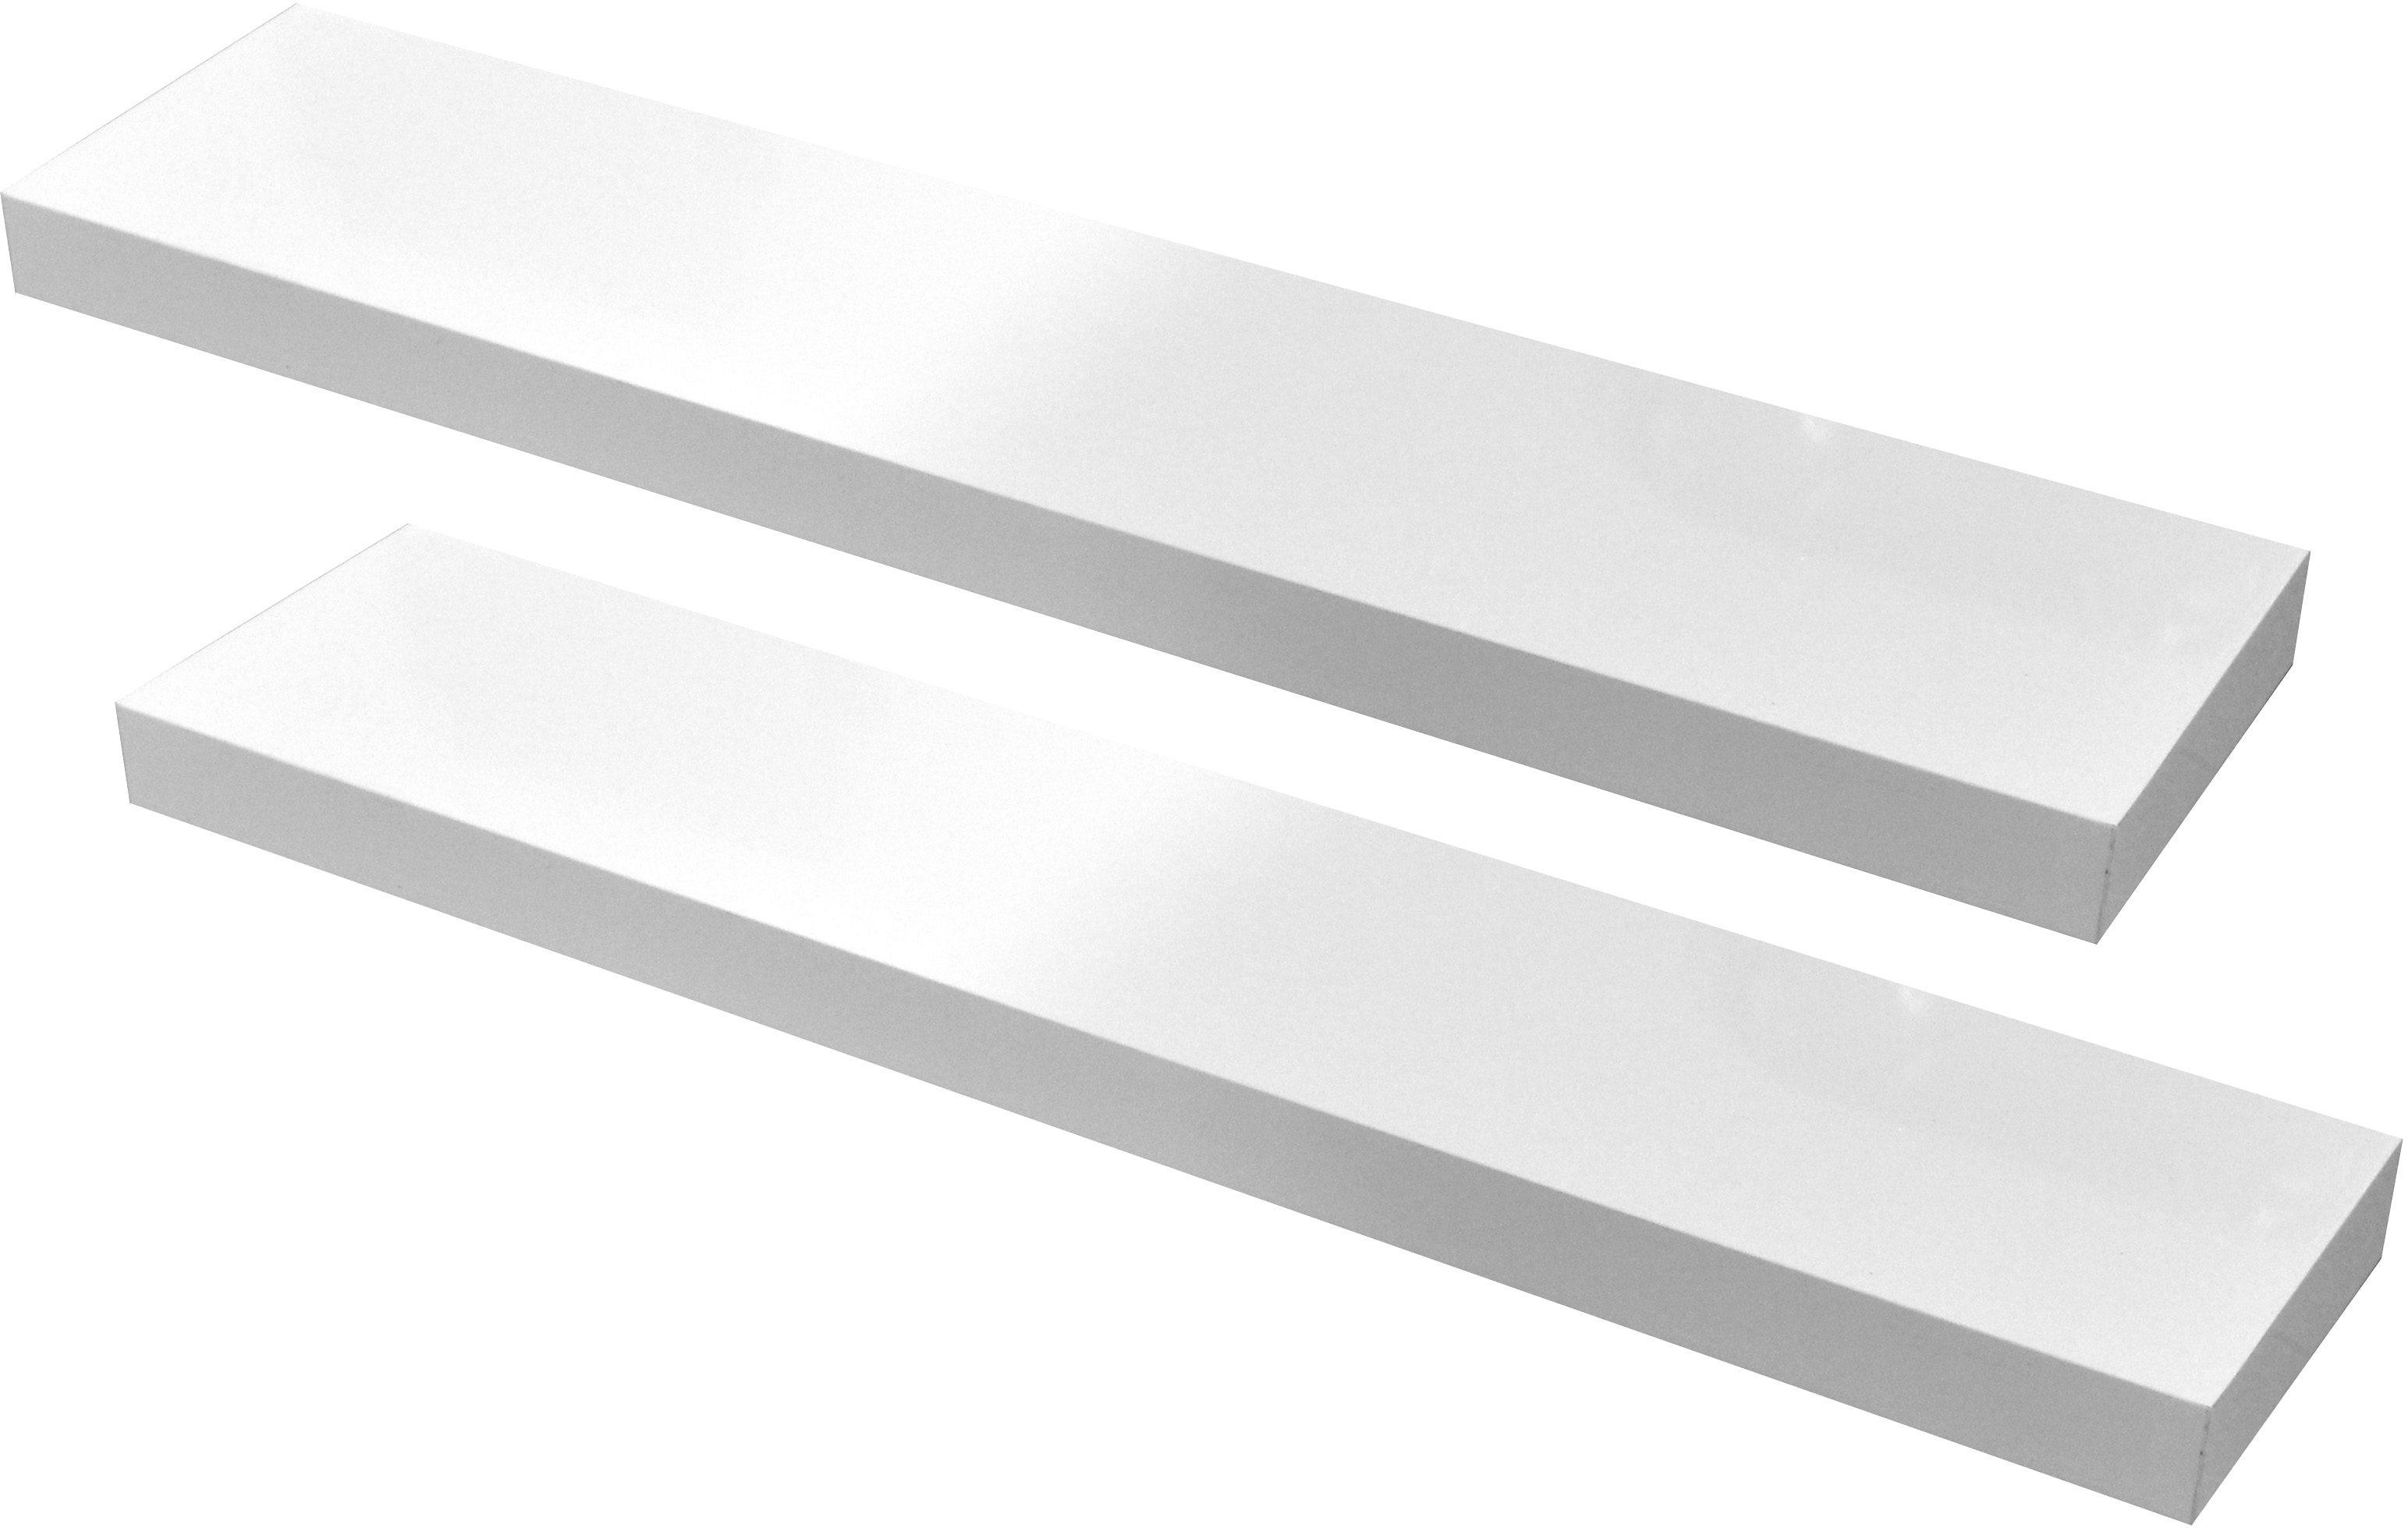 Wandregale, S.C.I.A.E., »Cross«, Breite je 105 cm